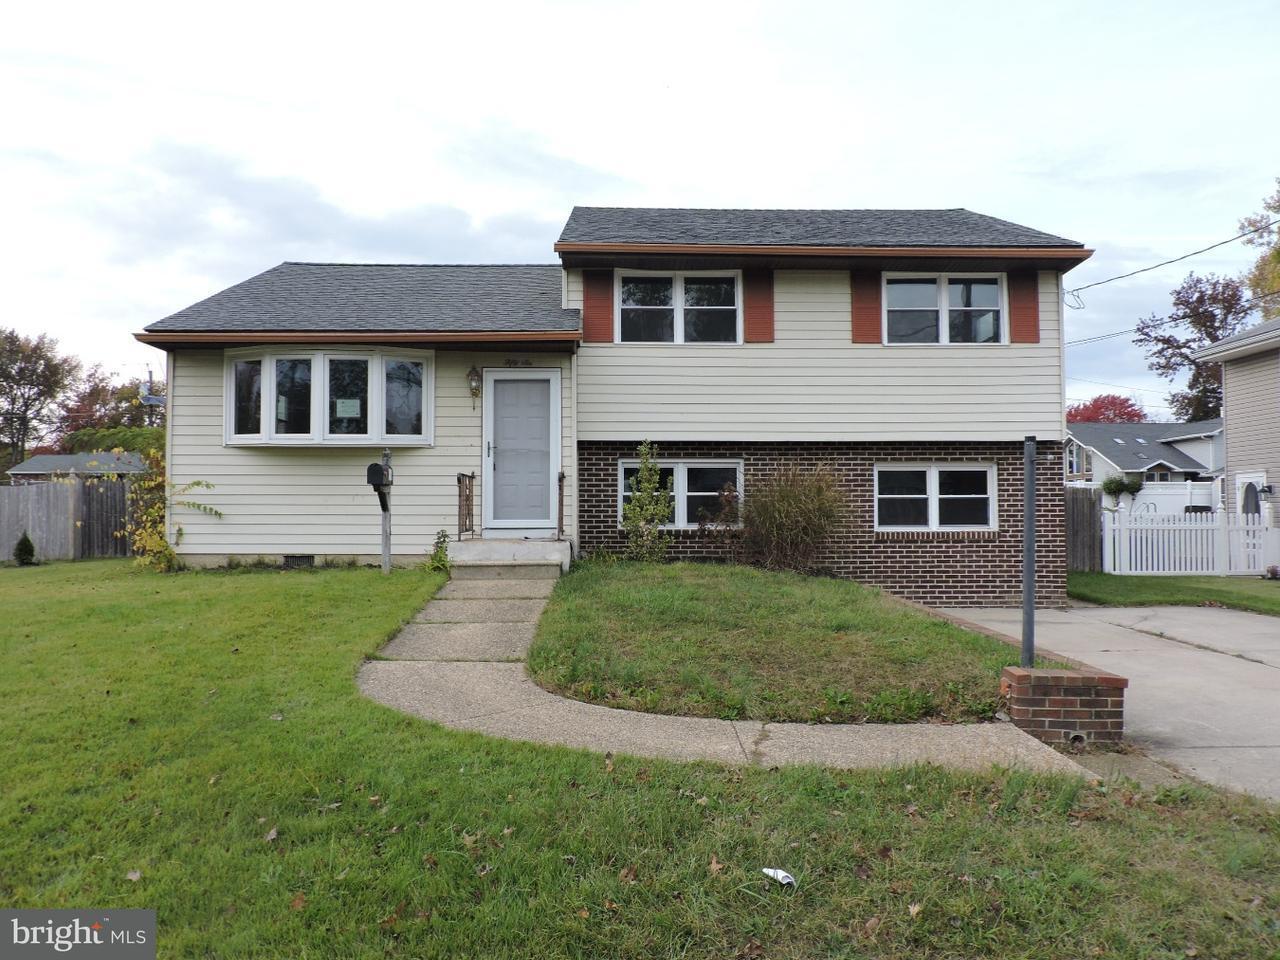 独户住宅 为 销售 在 56 PLEASANT VALLEY Drive Woodbury, 新泽西州 08096 美国